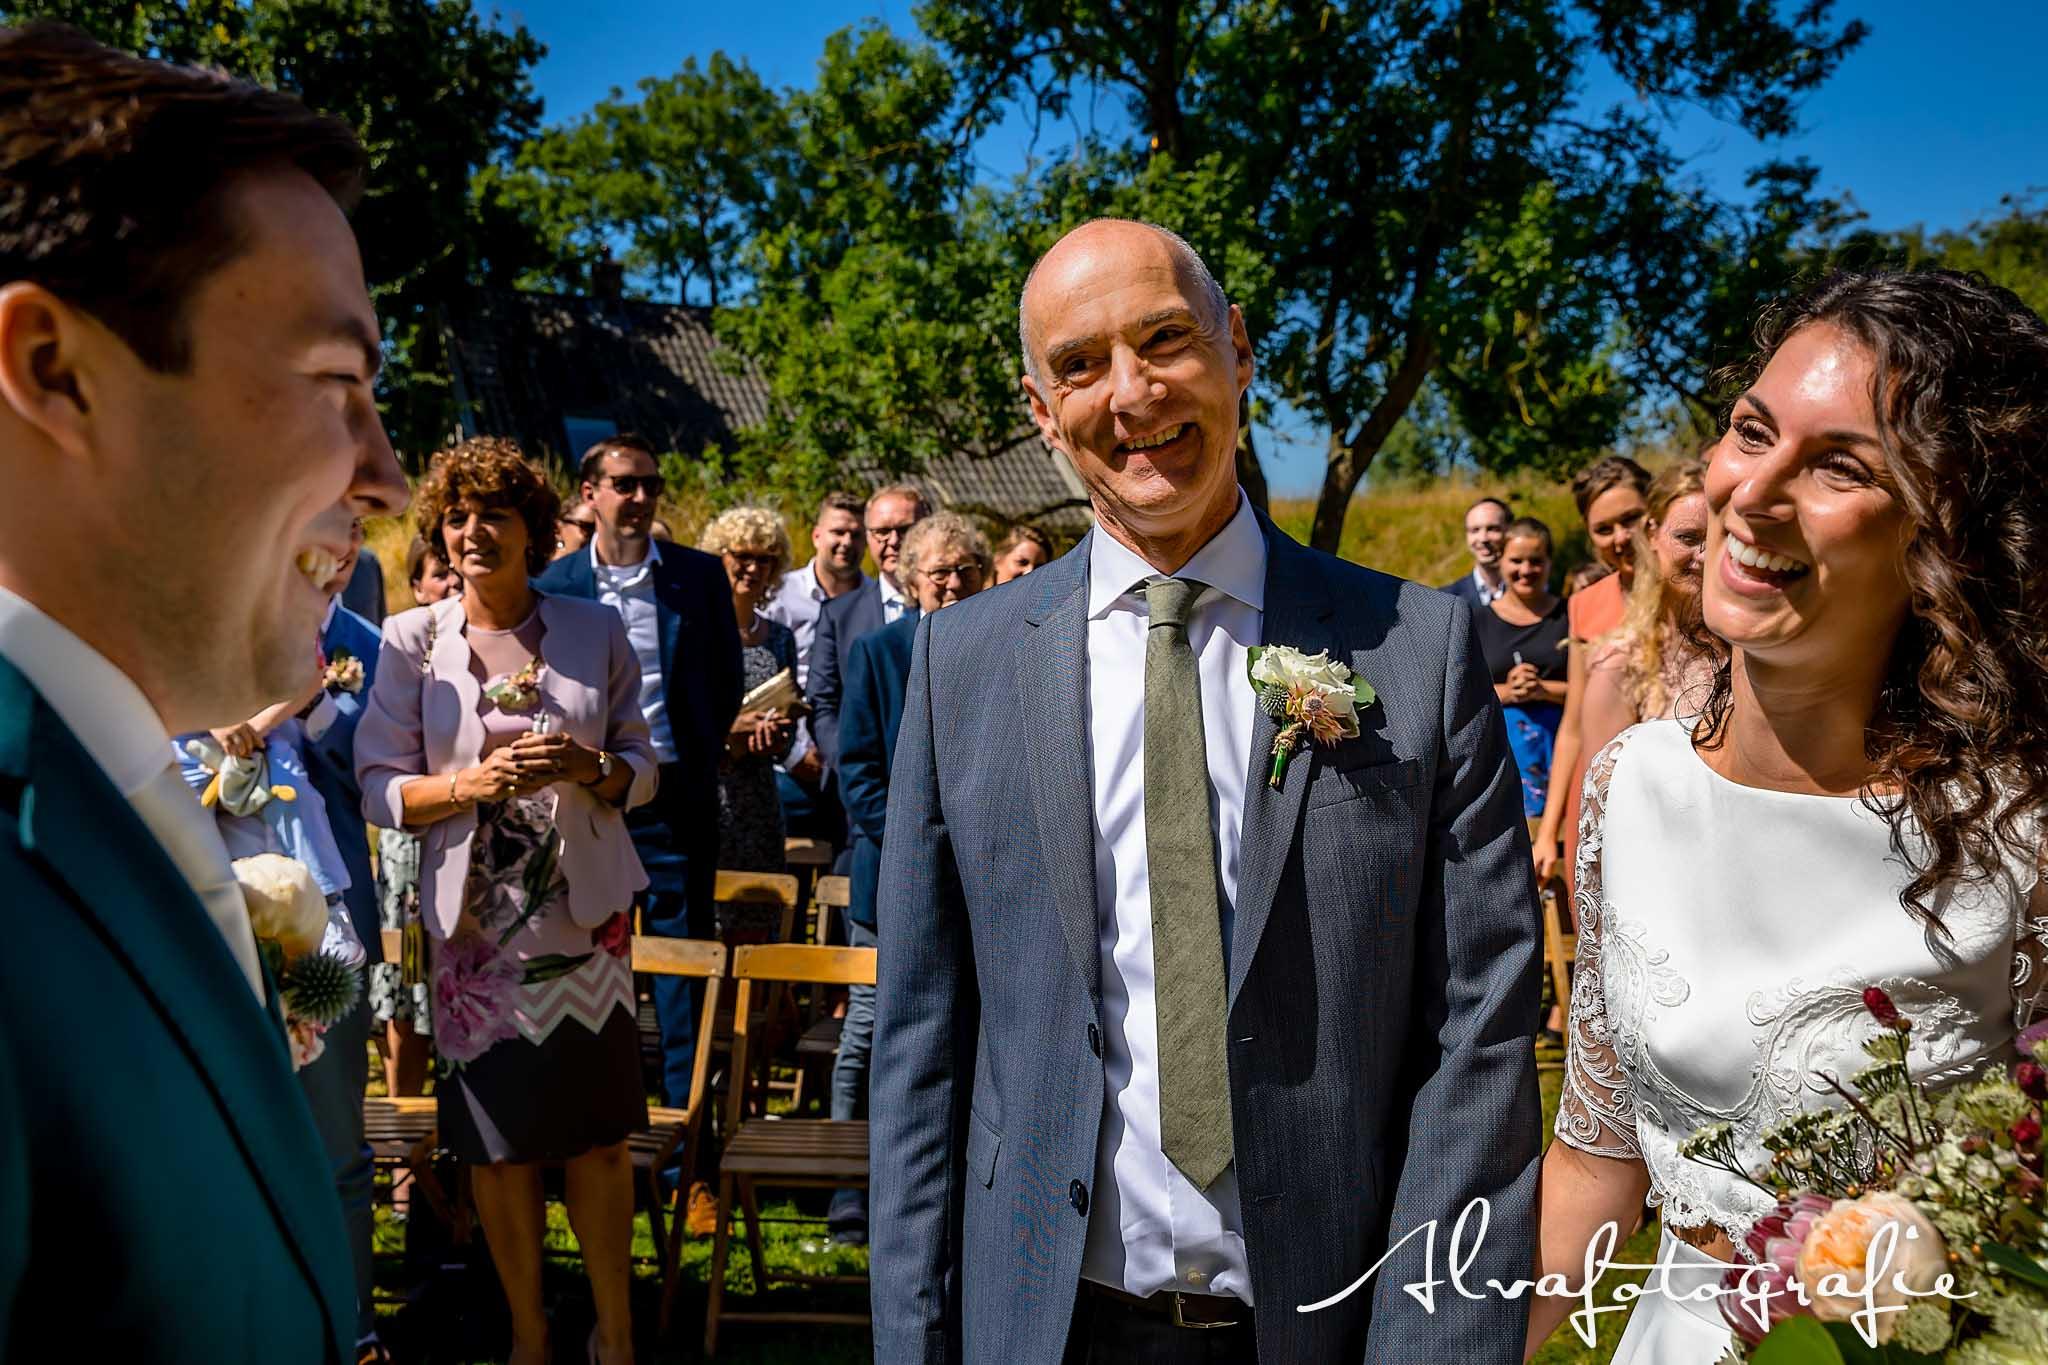 Bruiloft Maren en Tim Alvafotografie vader bruid